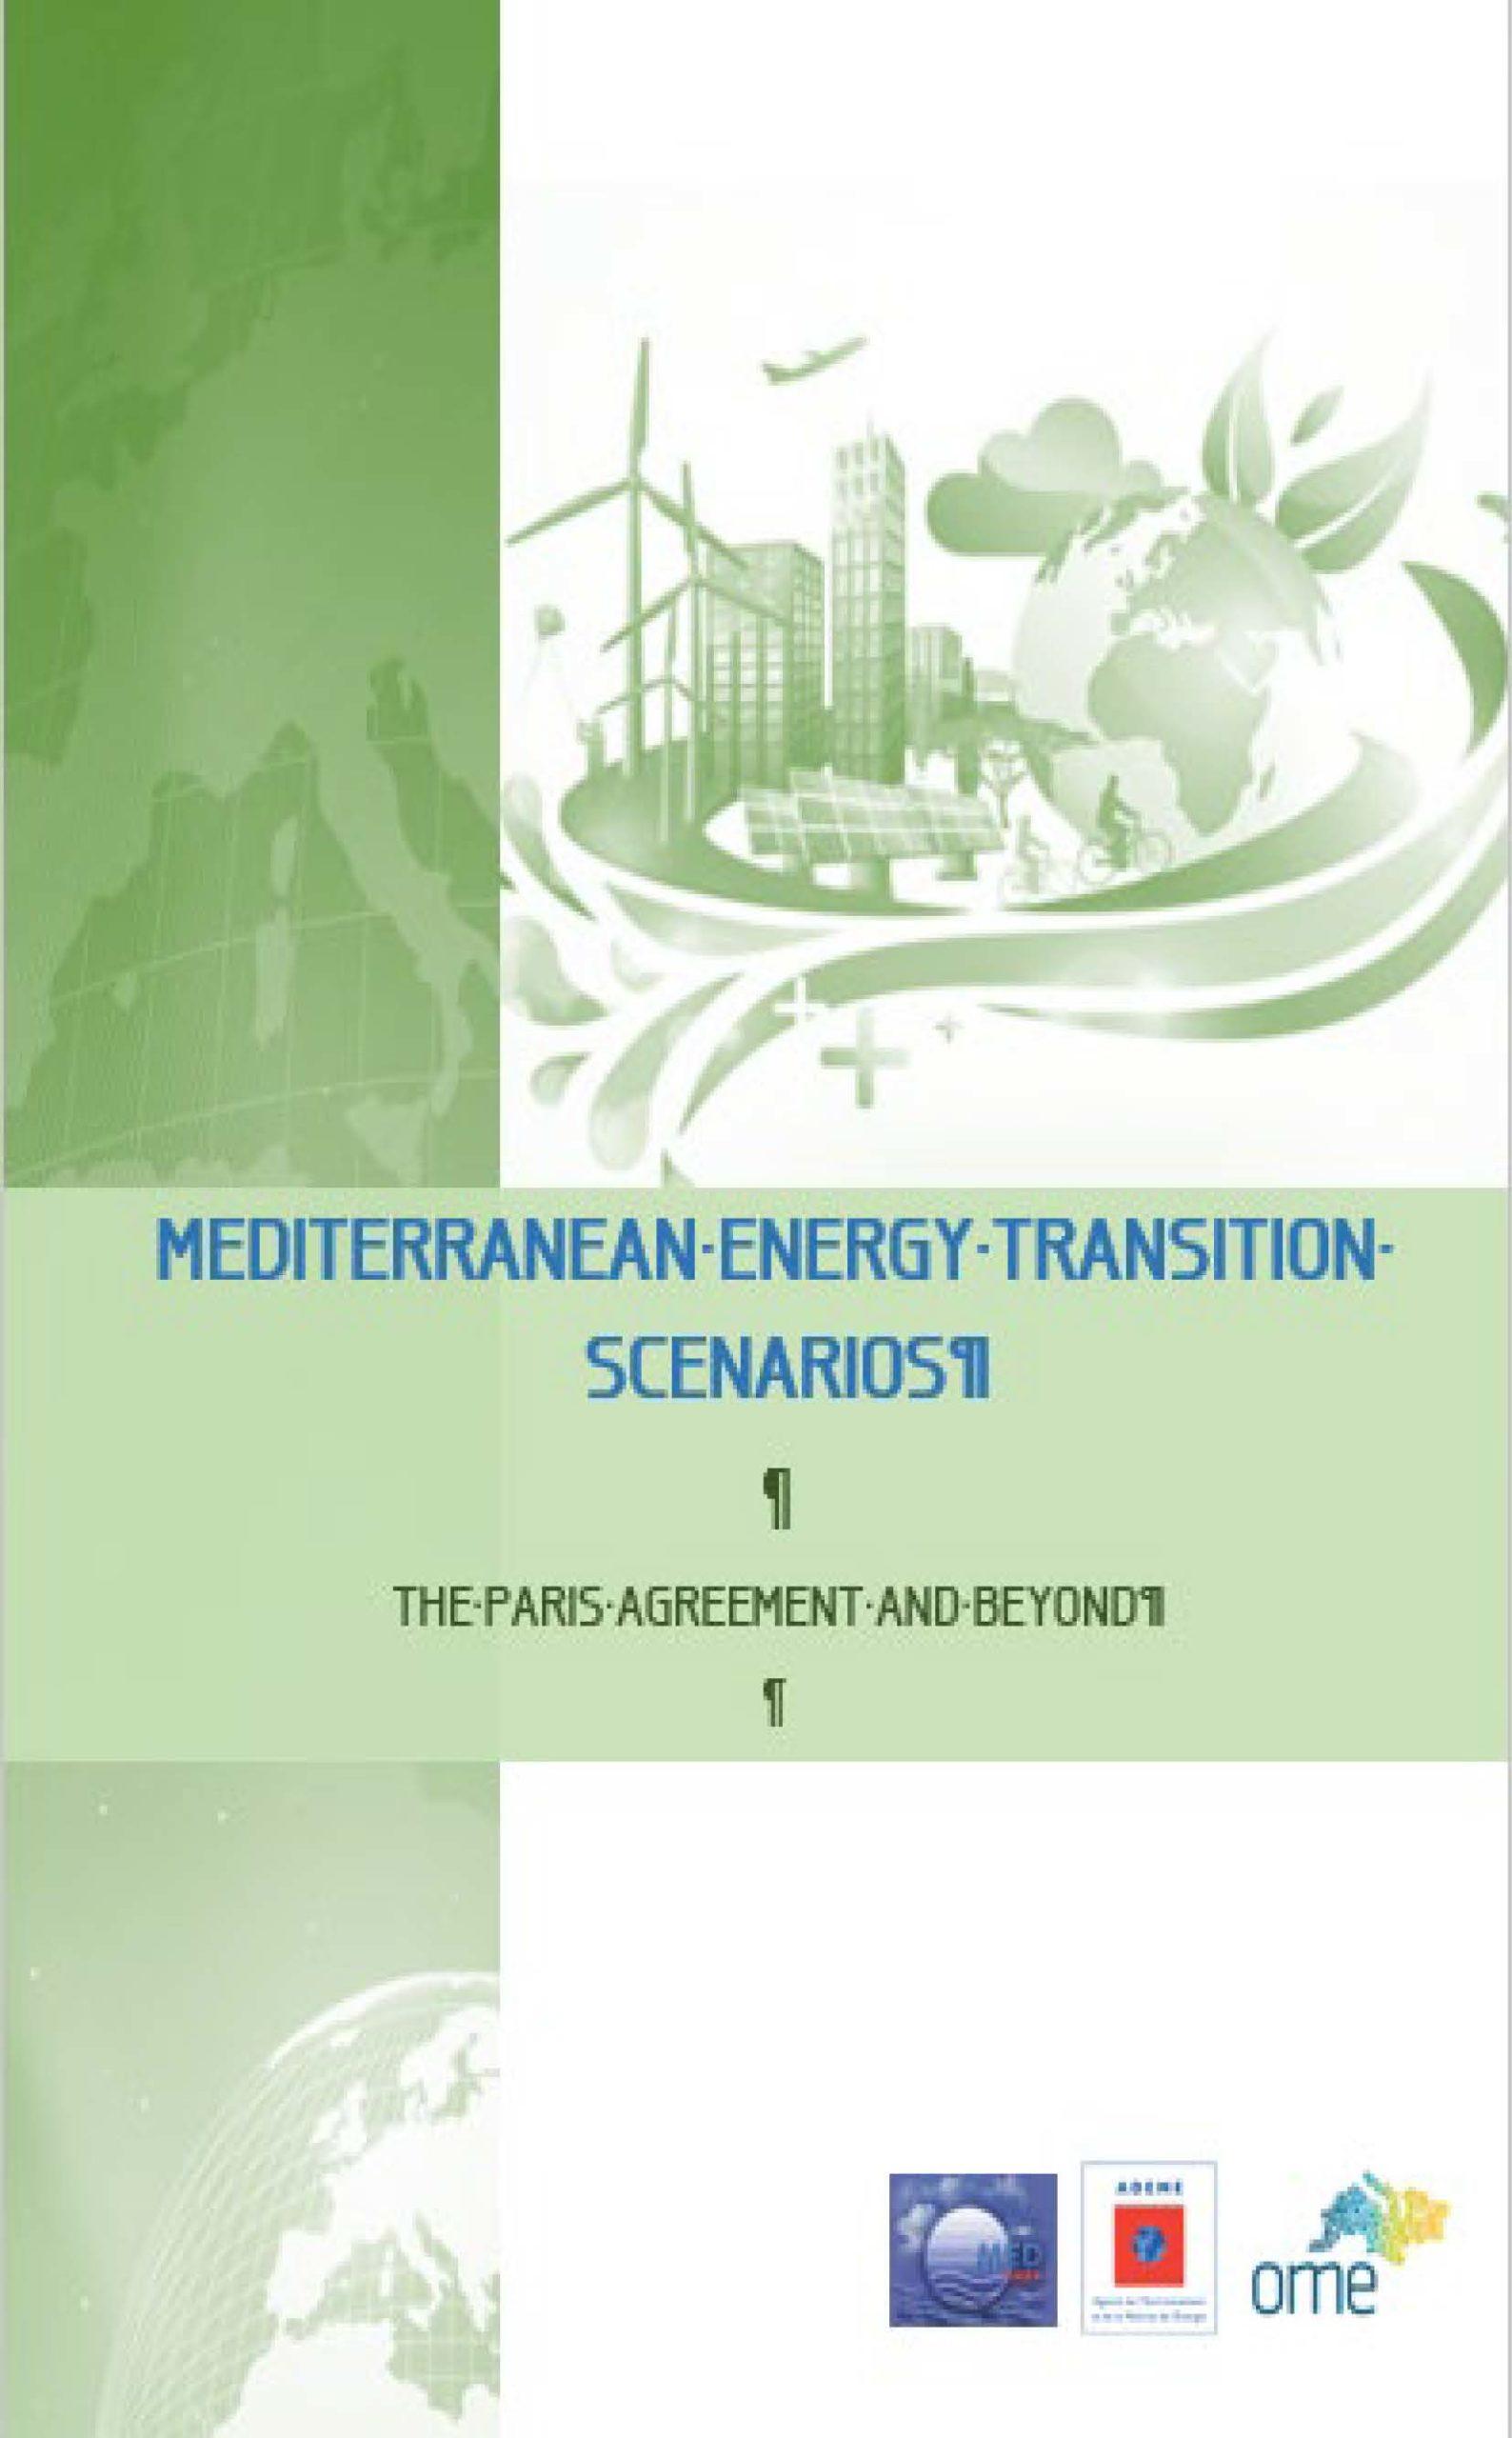 Mediterranean Energy Transition Scenarios, 2017